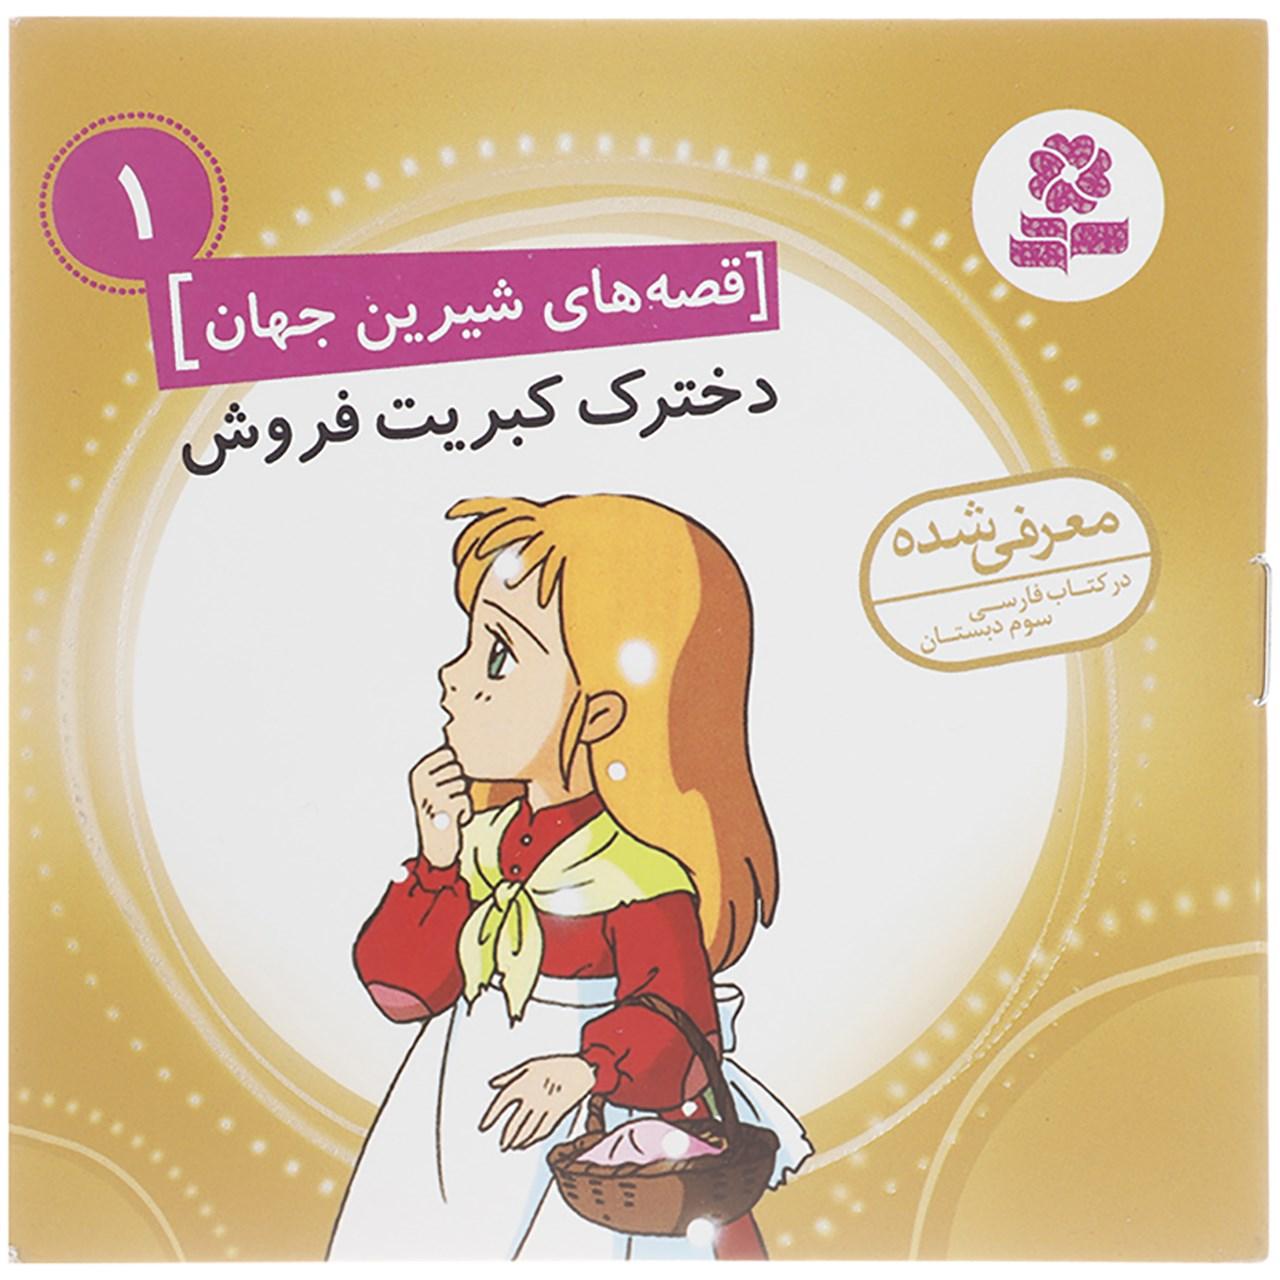 کتاب قصه های شیرین جهان اثر جمعی از نویسندگان - 50 جلدی